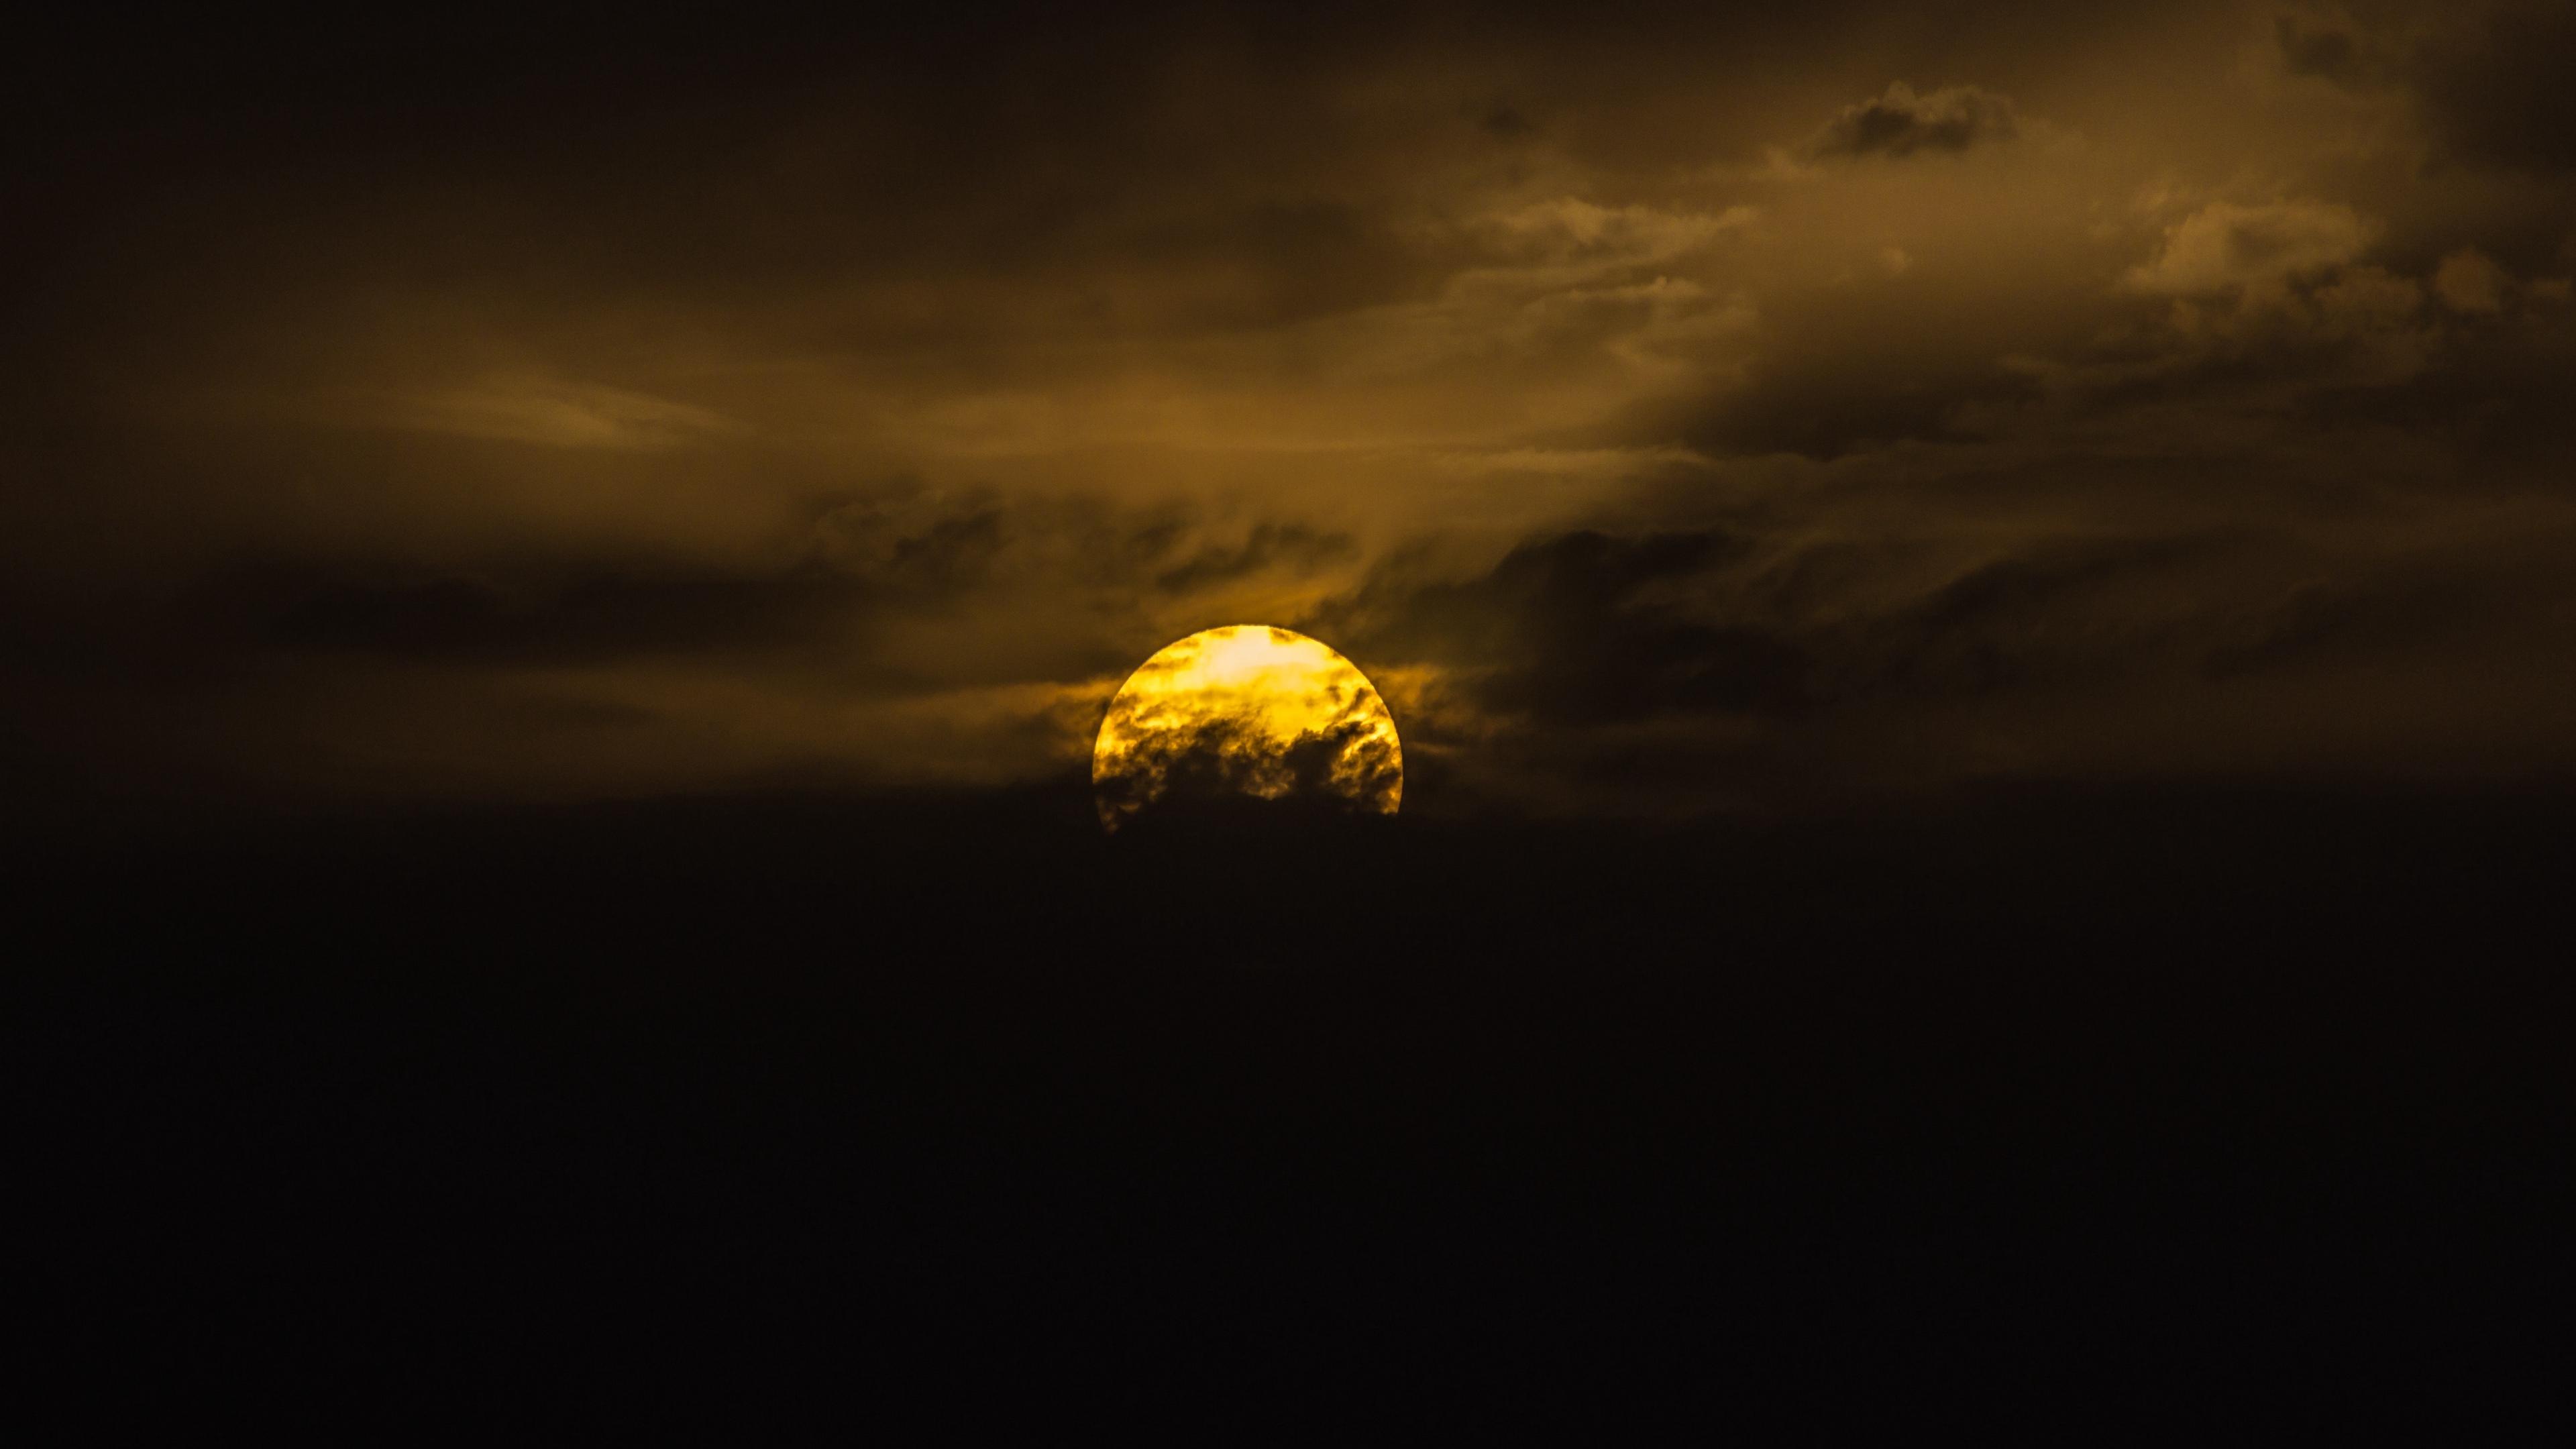 sun sunset clouds sky 4k 1540575210 - sun, sunset, clouds, sky 4k - sunset, Sun, Clouds